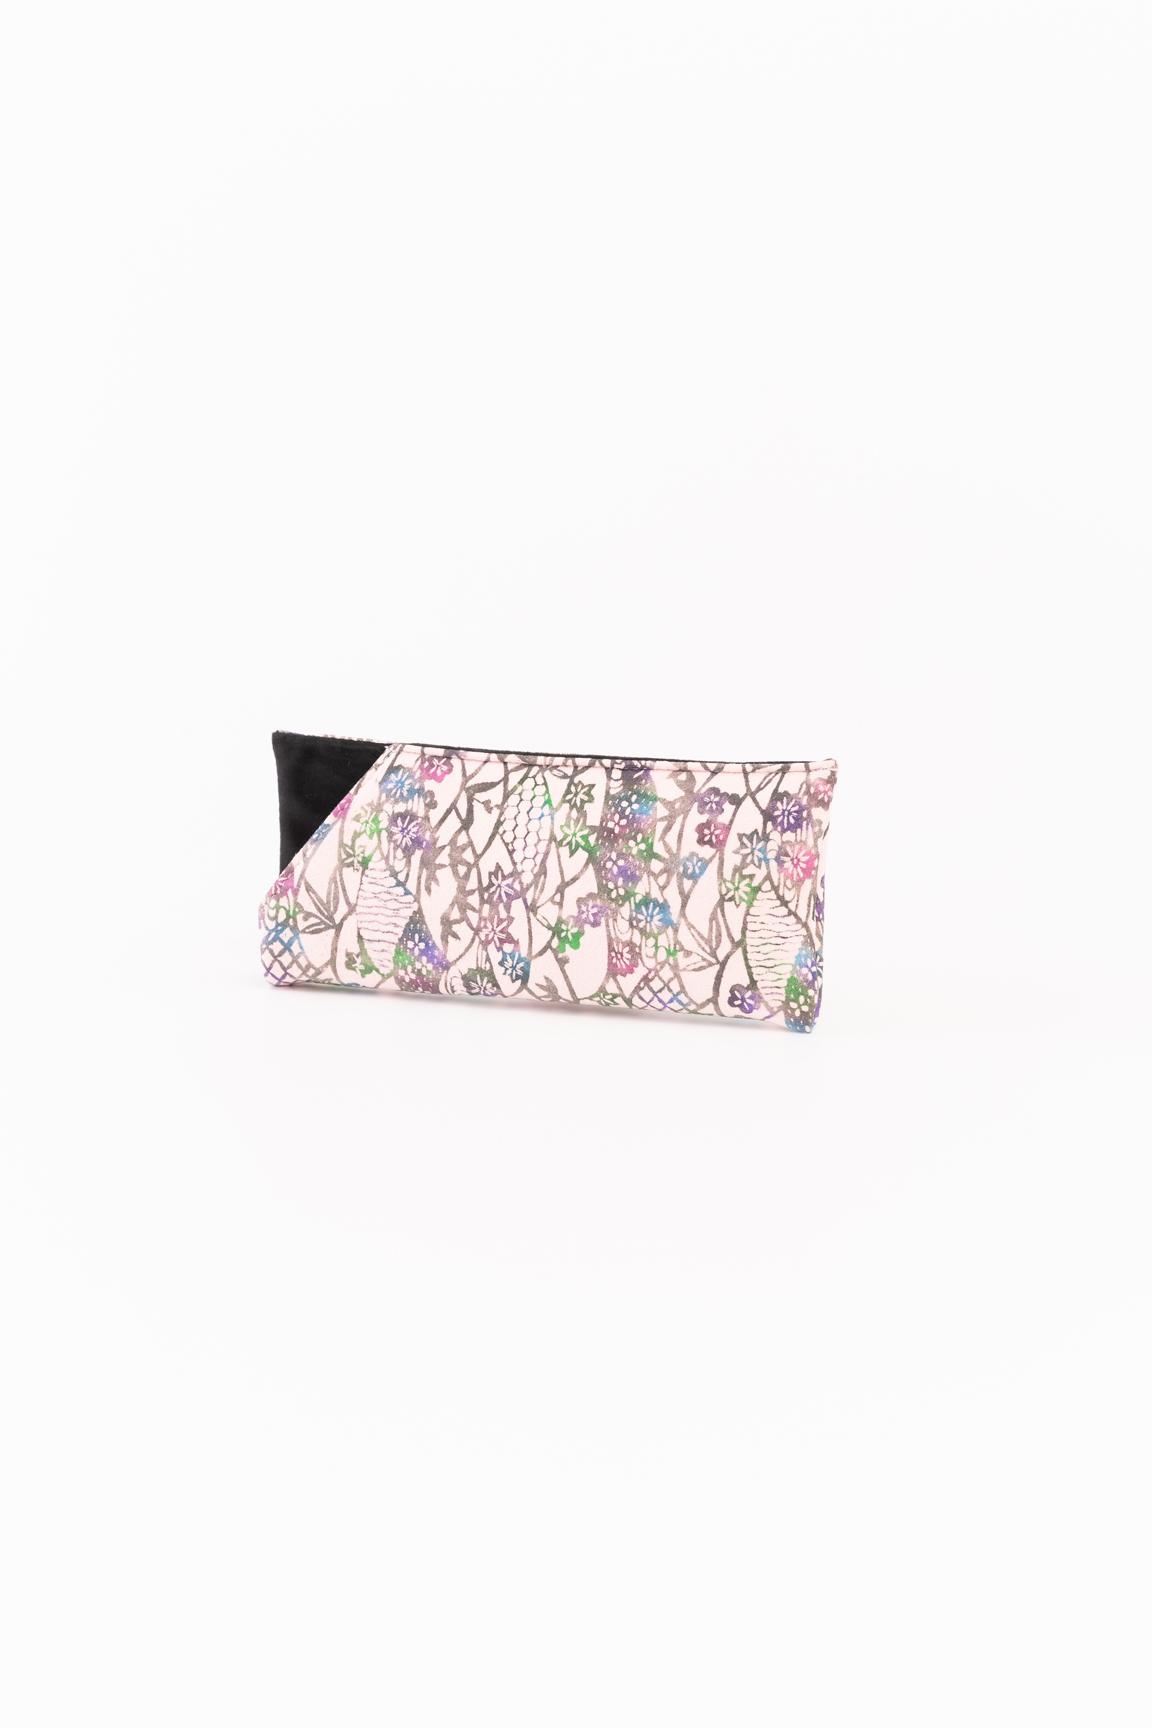 Eyeglass case(pink)